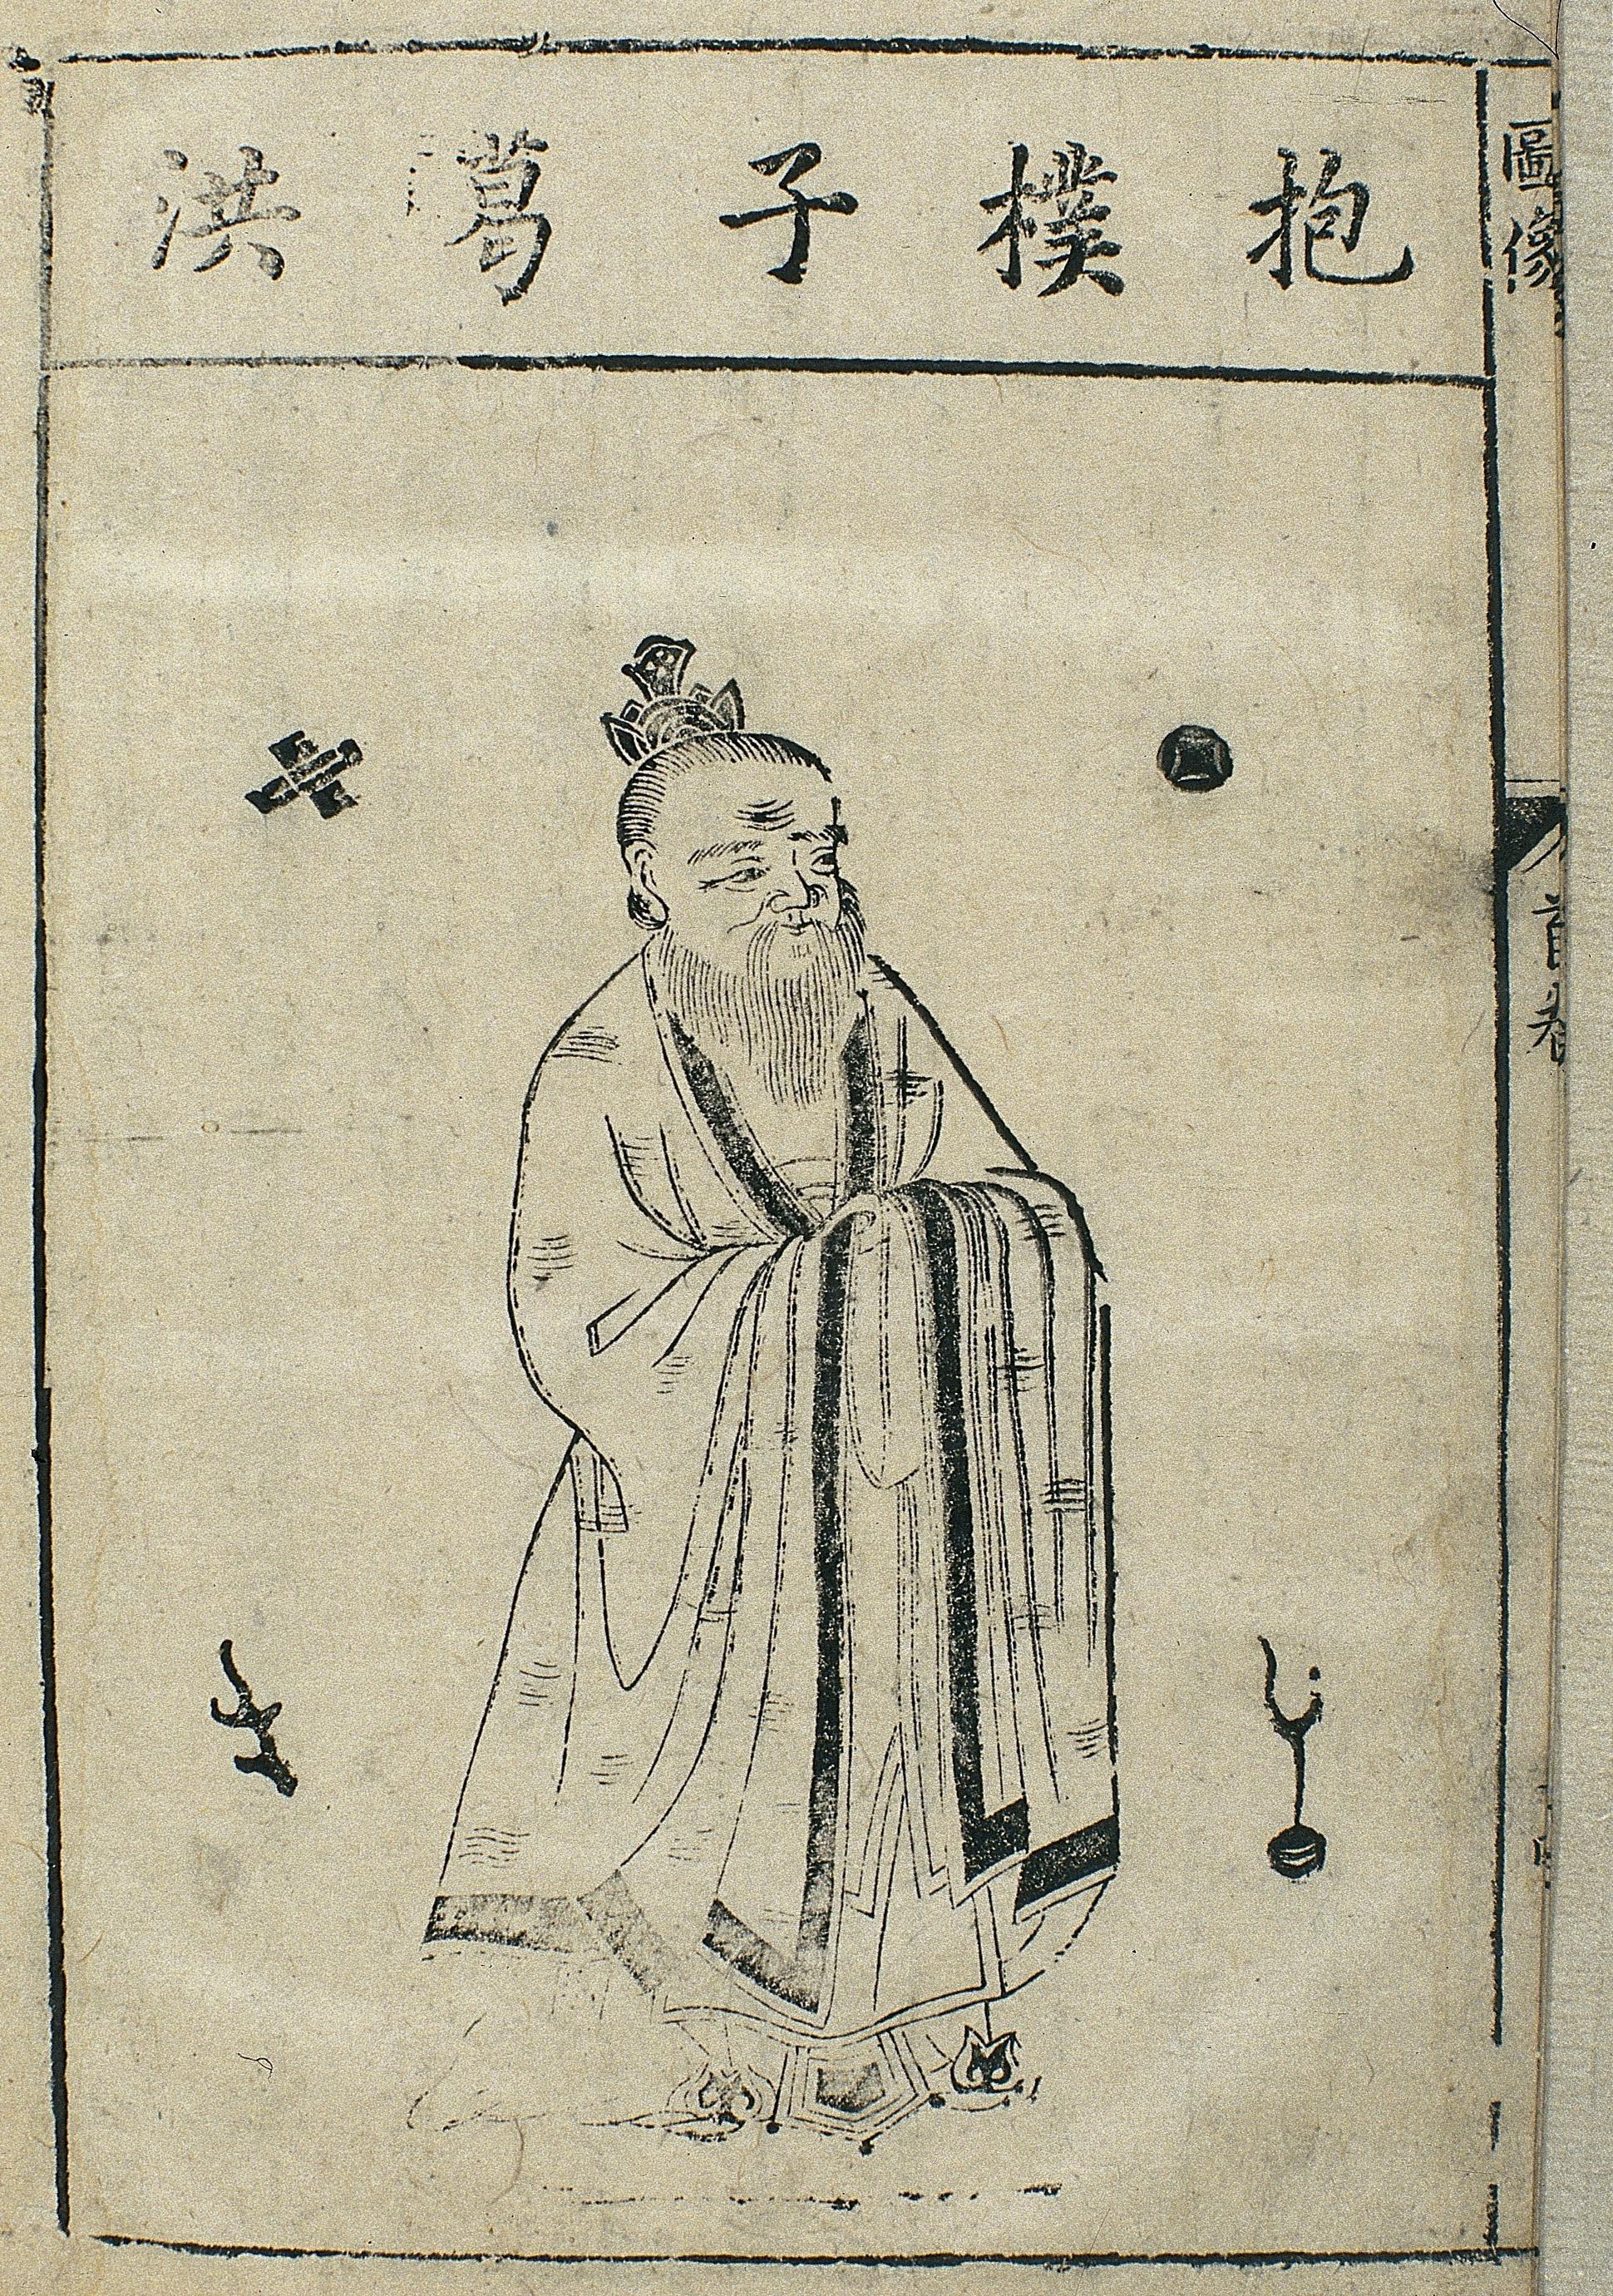 Ge Hong. By Gan Bozong (Tang period, 618-907).  Image:  Creative Commons